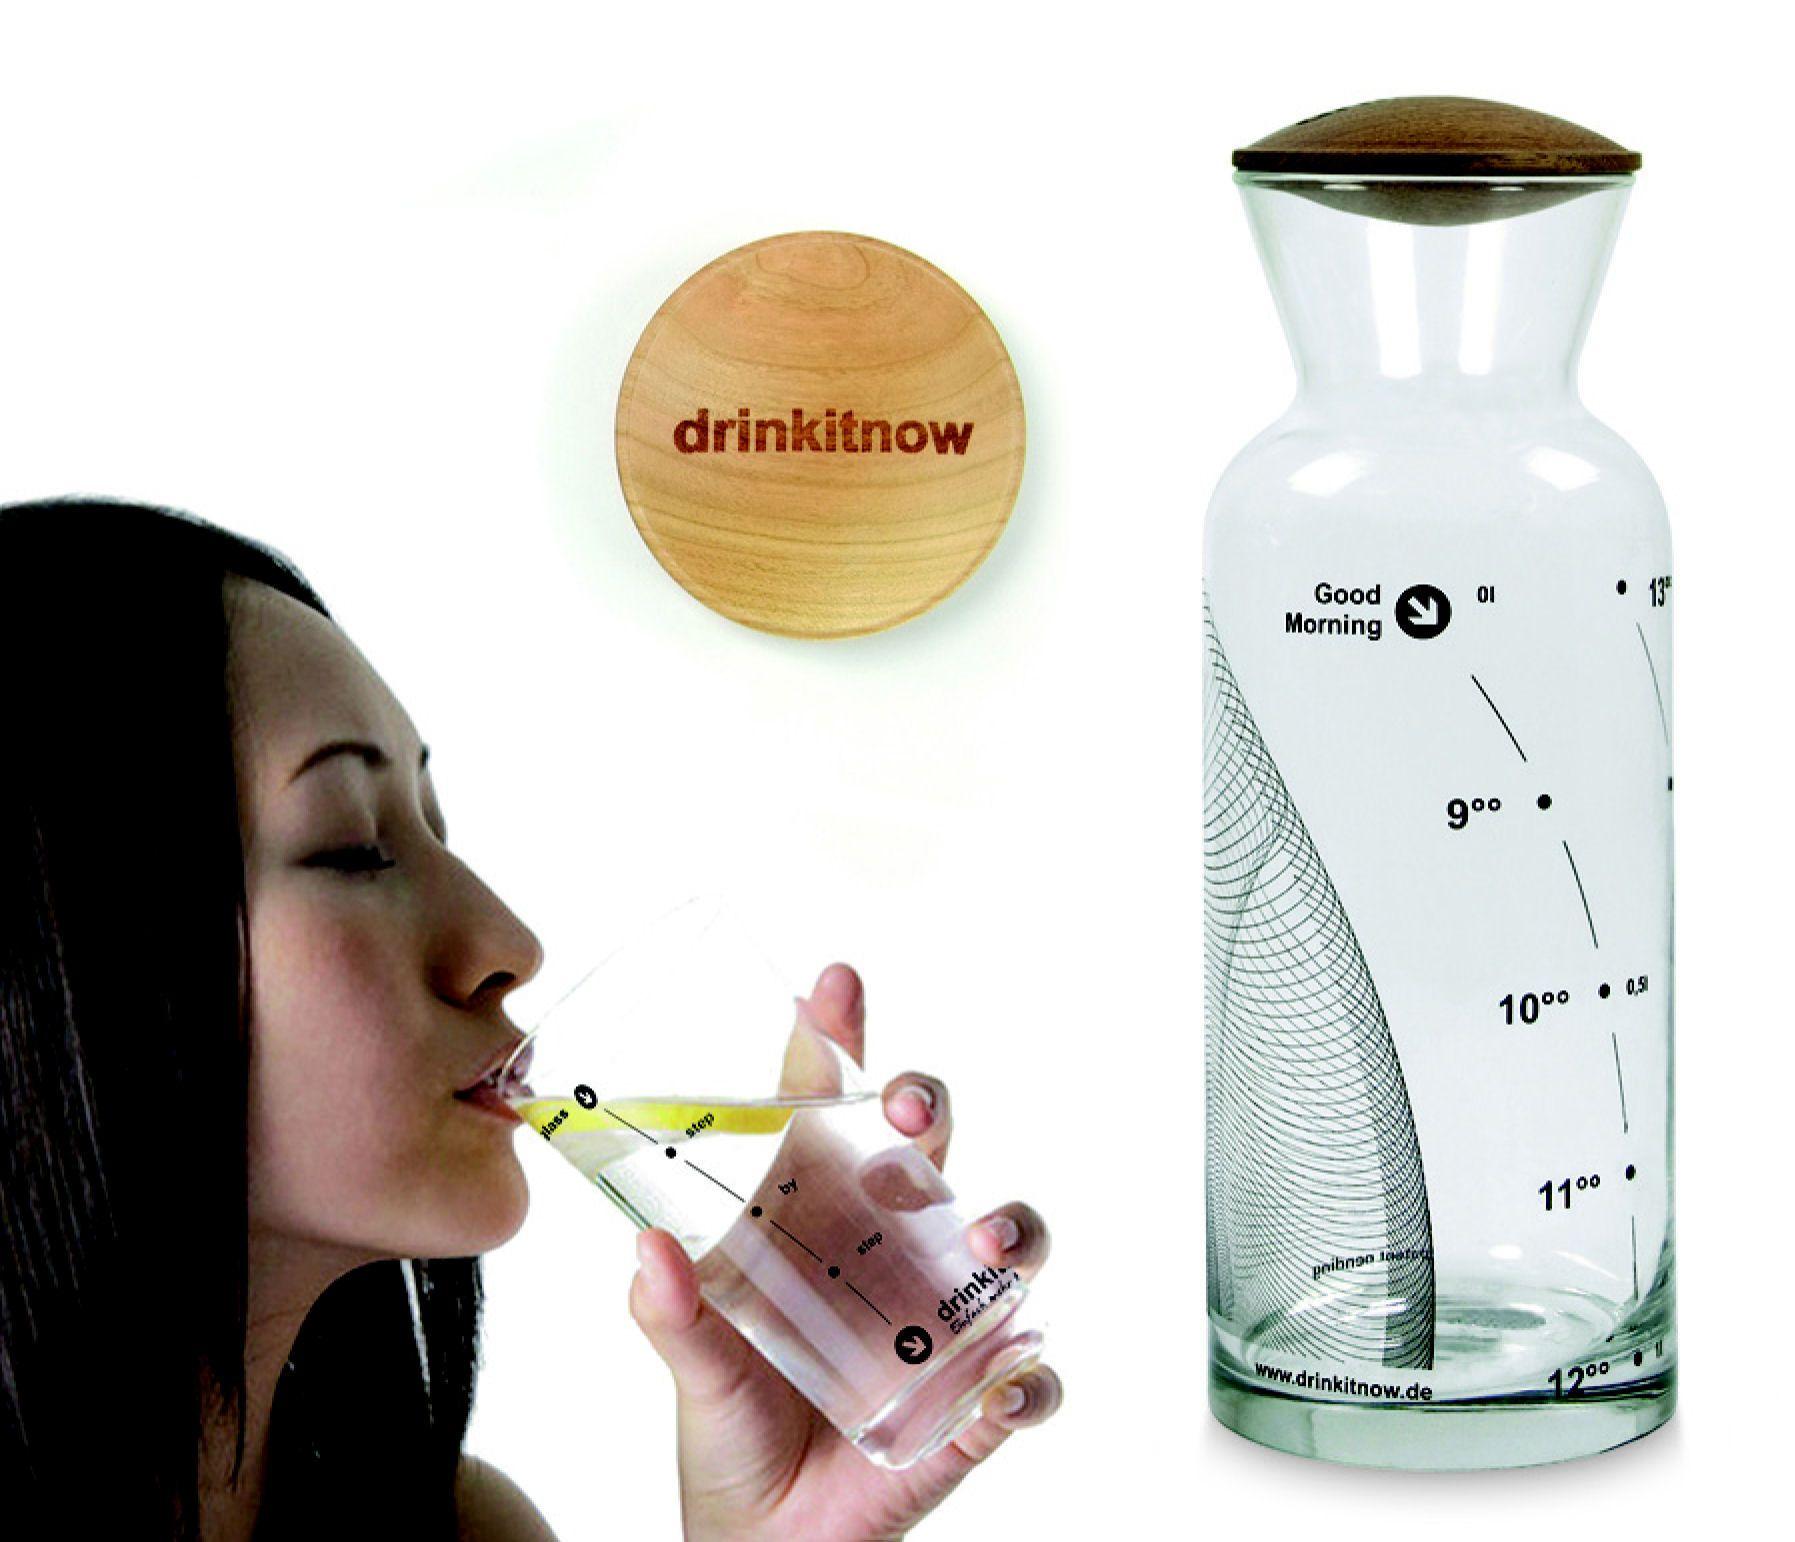 Vodná karafa Drinkitnow obsahuje sklenenú karafu s dreveným vekom a navyše pohár, ktorý ešte viac uľahčí držať pitný režim. Karafa Drinkitnow zaisťuje dostatočnú dennú dávku tekutín vďaka stupnicu, ktorá neukazuje mililitre alebo inú nudnú jednotku, ale čas. Teda ak sú už tri hodiny popoludní a hladina je až u 13:00, je čas si výrazne naliať.